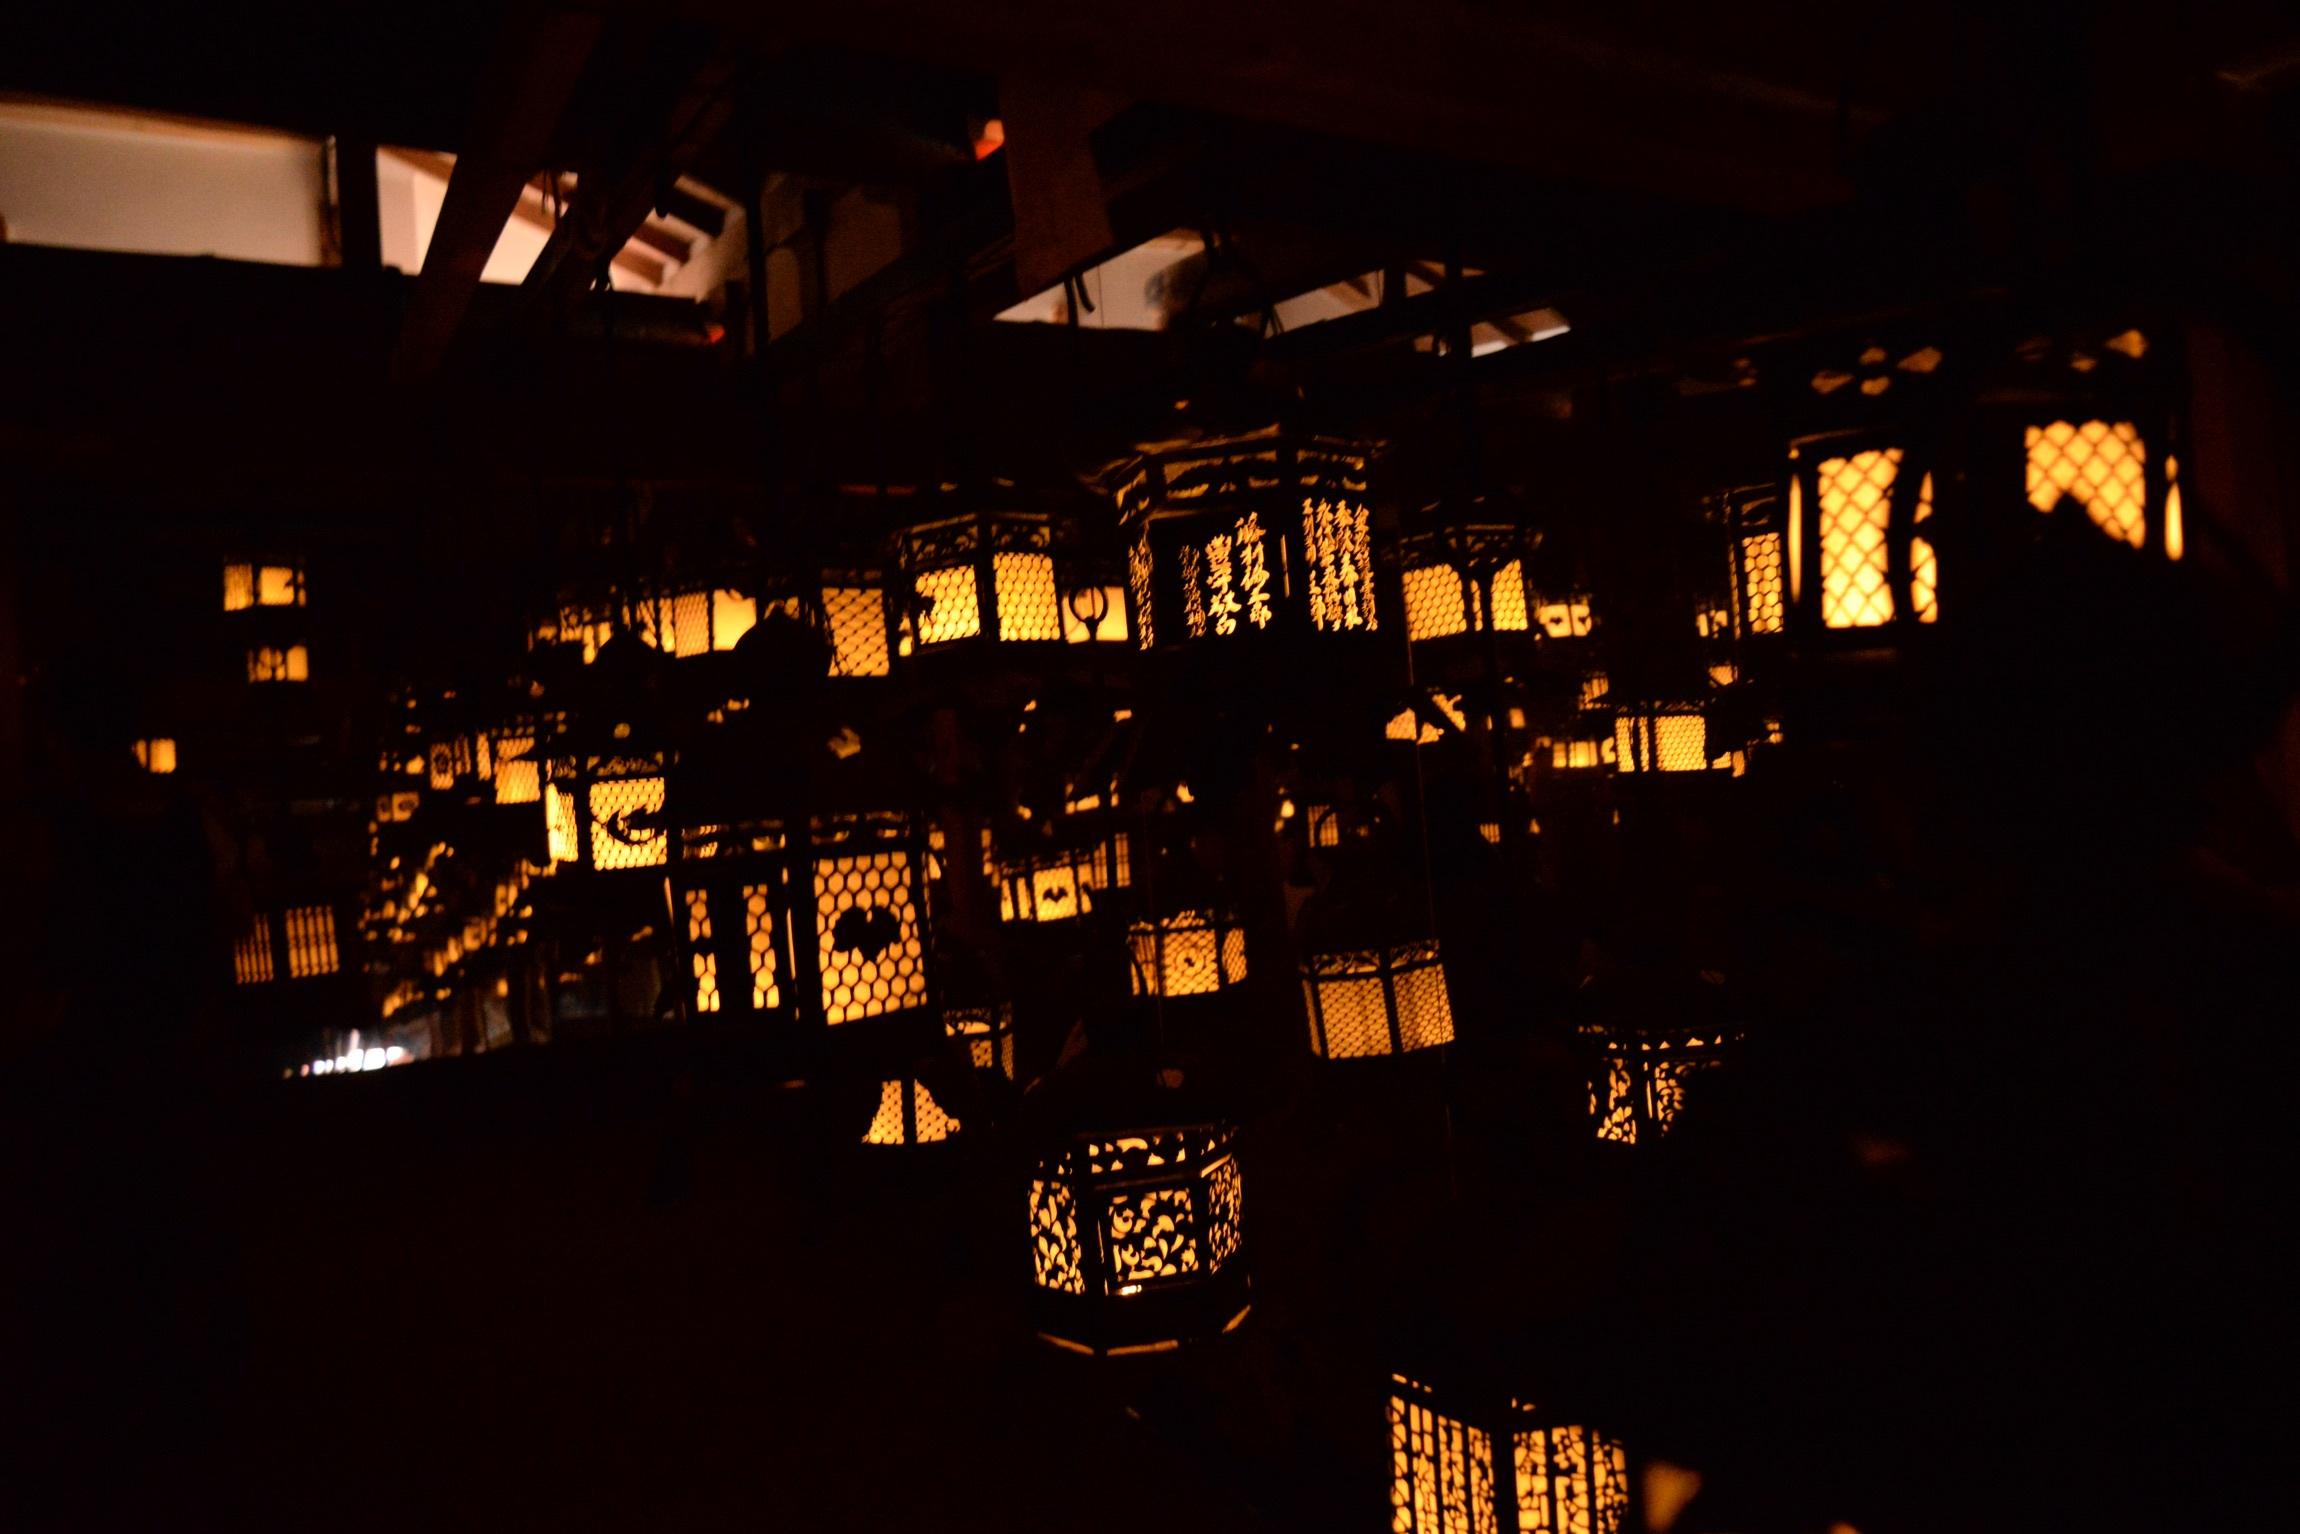 暮れなずむ町の光と影の中。_b0097729_18063605.jpeg